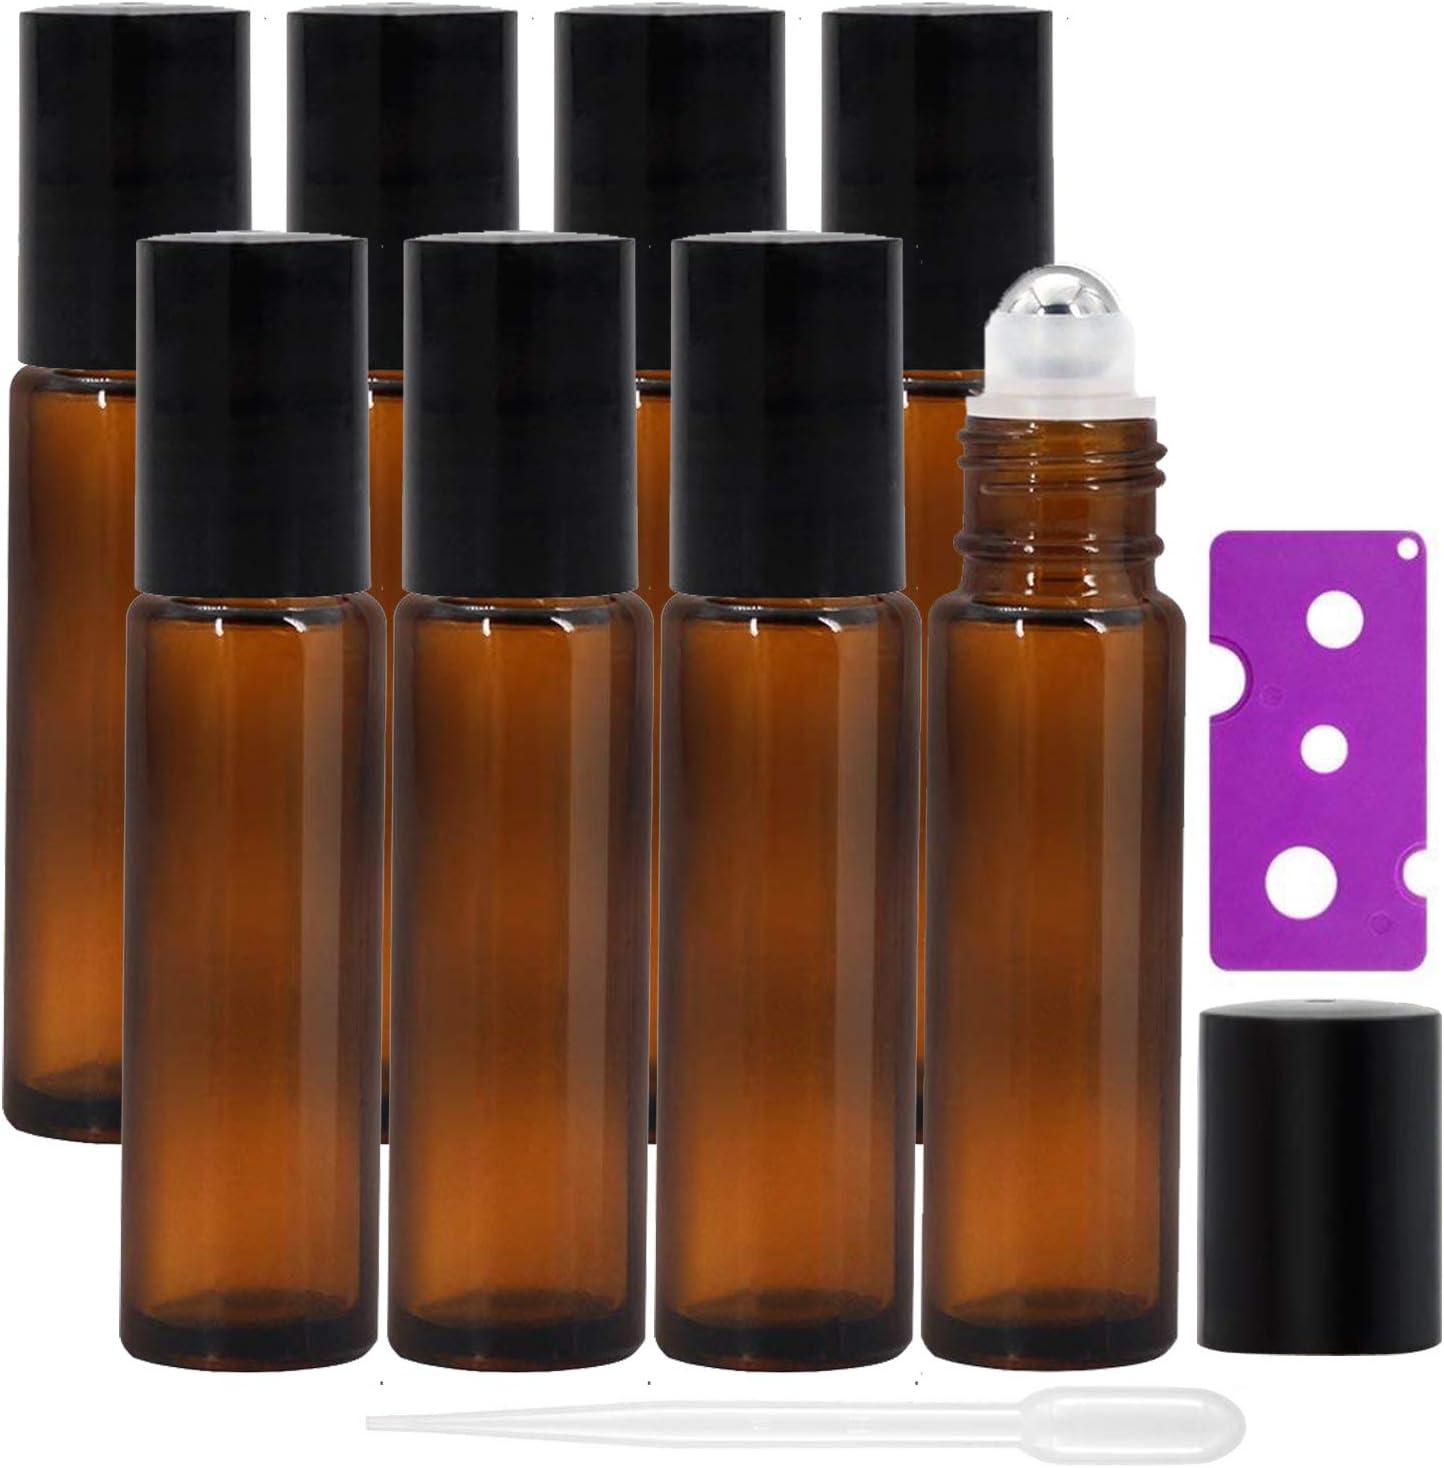 Alledominio, 8 botellas de 10 ml de aceites esenciales, botellas de vidrio ámbar recargables con bolas de acero inoxidable, incluye 12 etiquetas, 1 cuentagotas y abridor, perfecto para aromaterapia